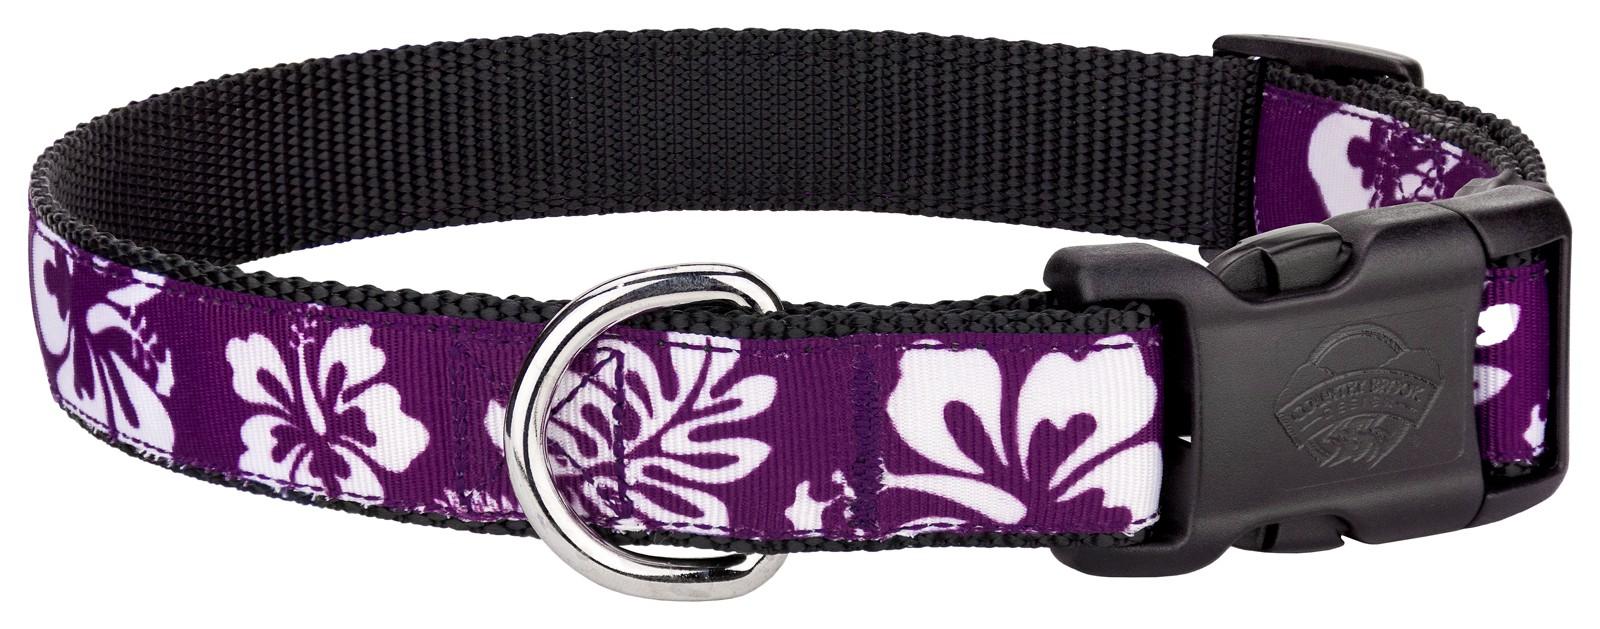 hawaiian dog collars